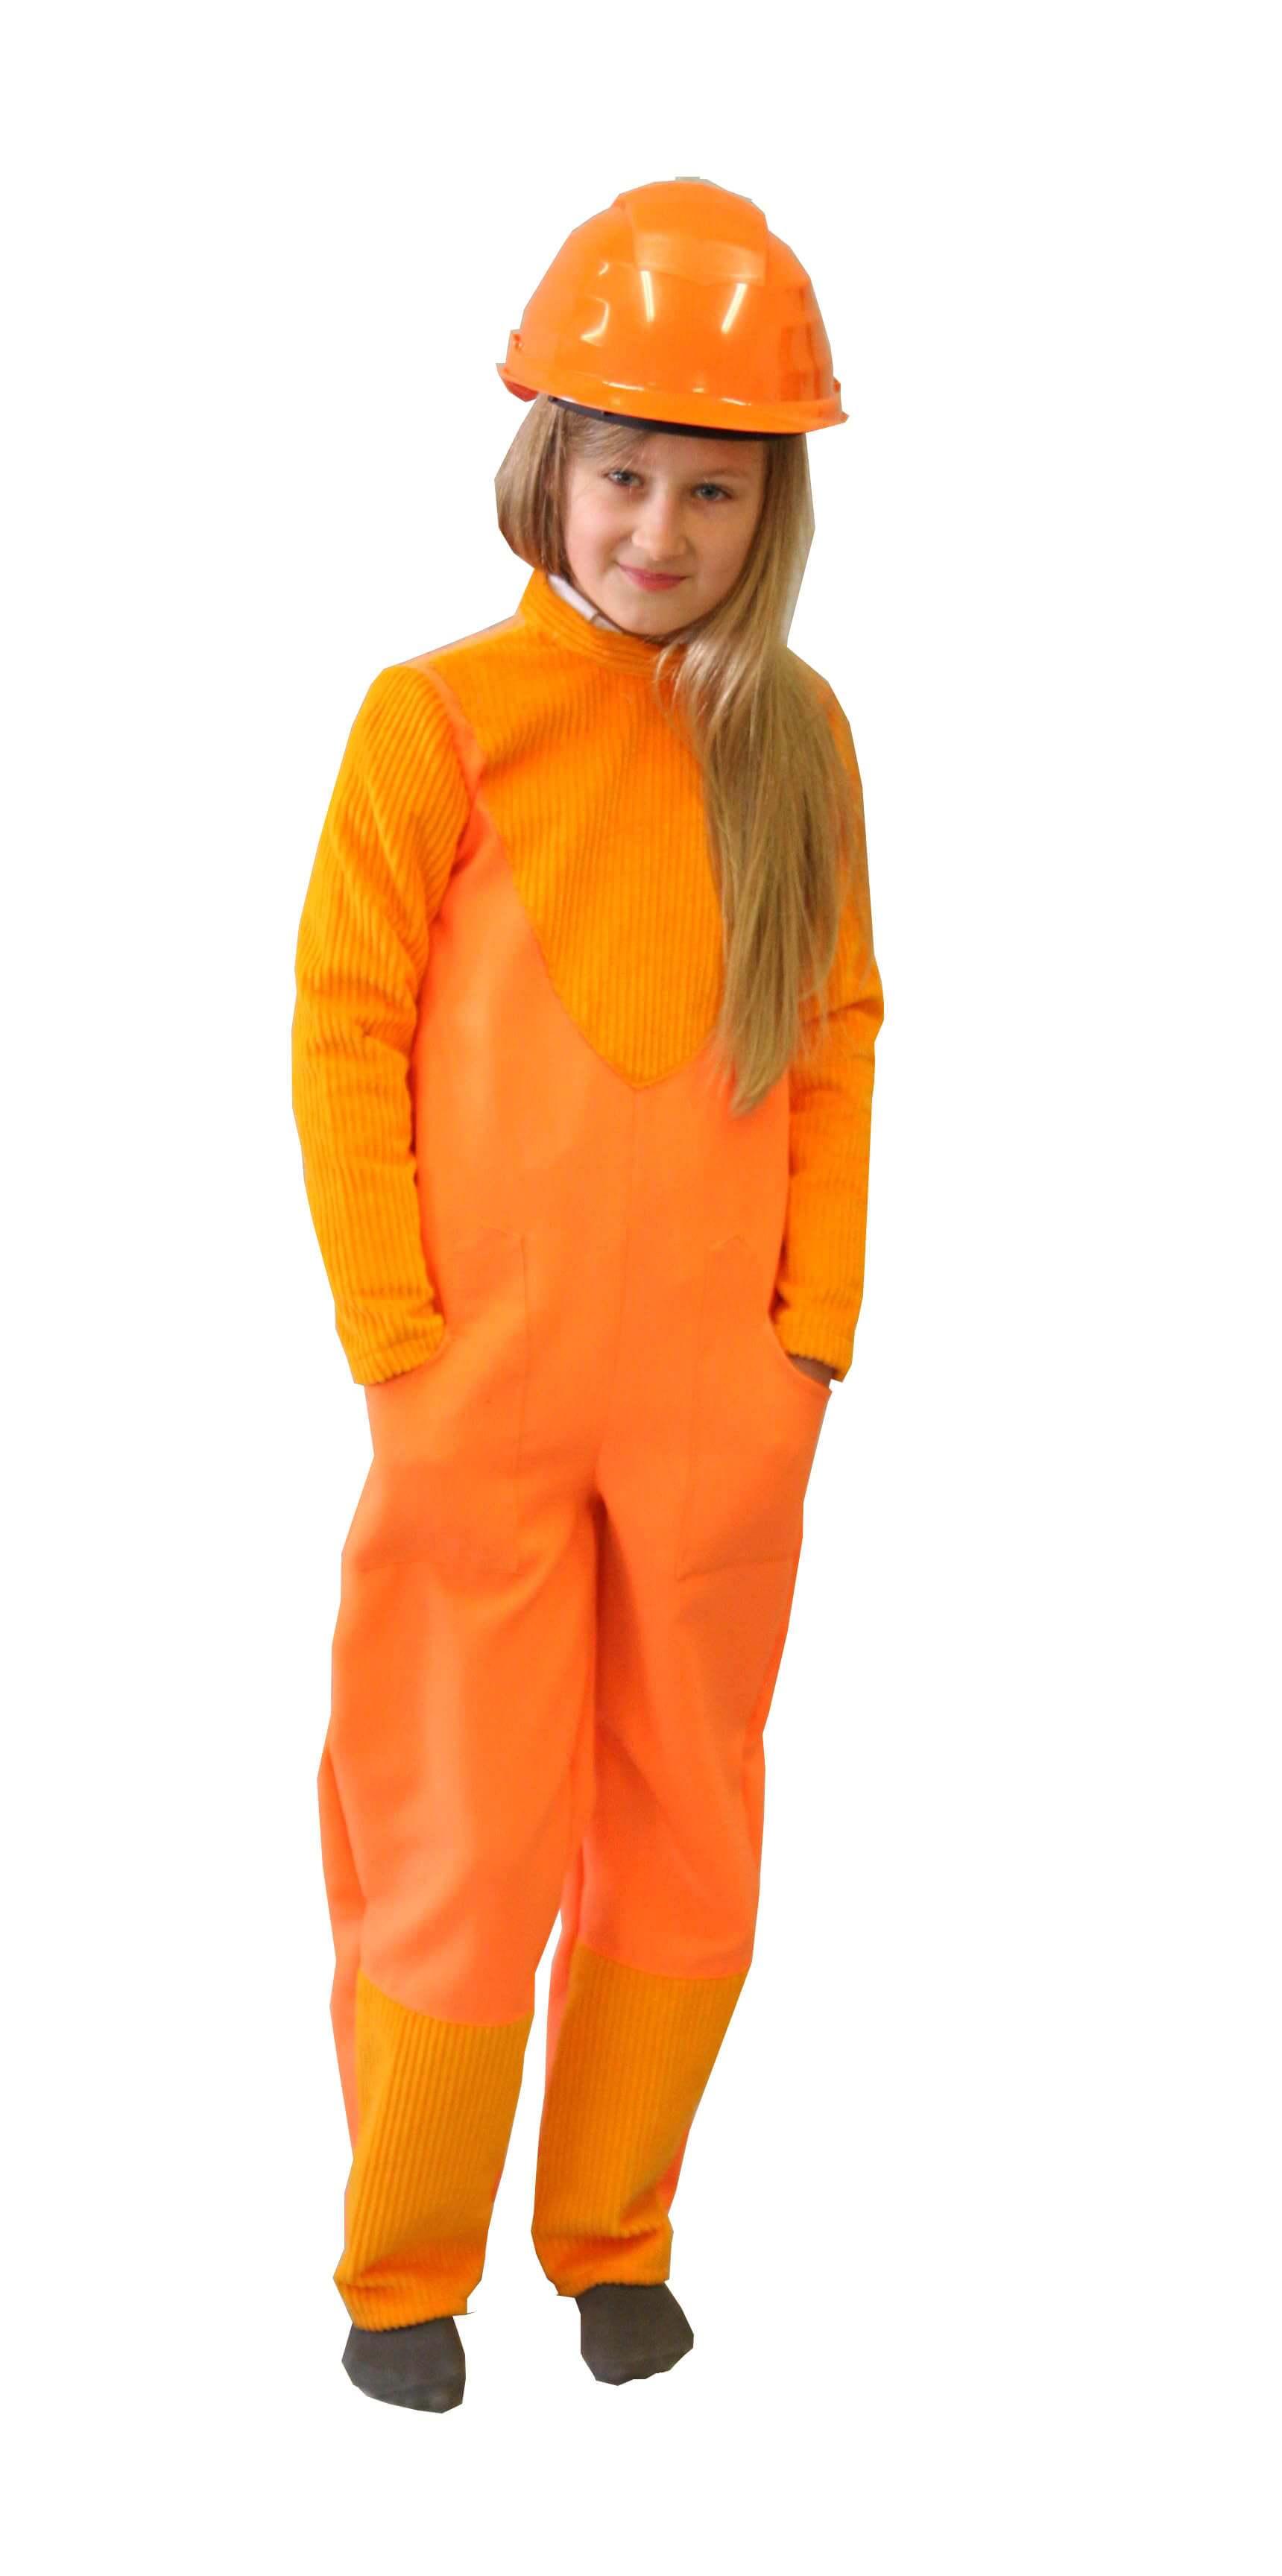 Statybininko, darbininko kostiumas. Profesijų karnavaliniai kostiumai. Karnavaliniu kostiumu nuoma vaikams Vilniuje - pasakunamai.lt